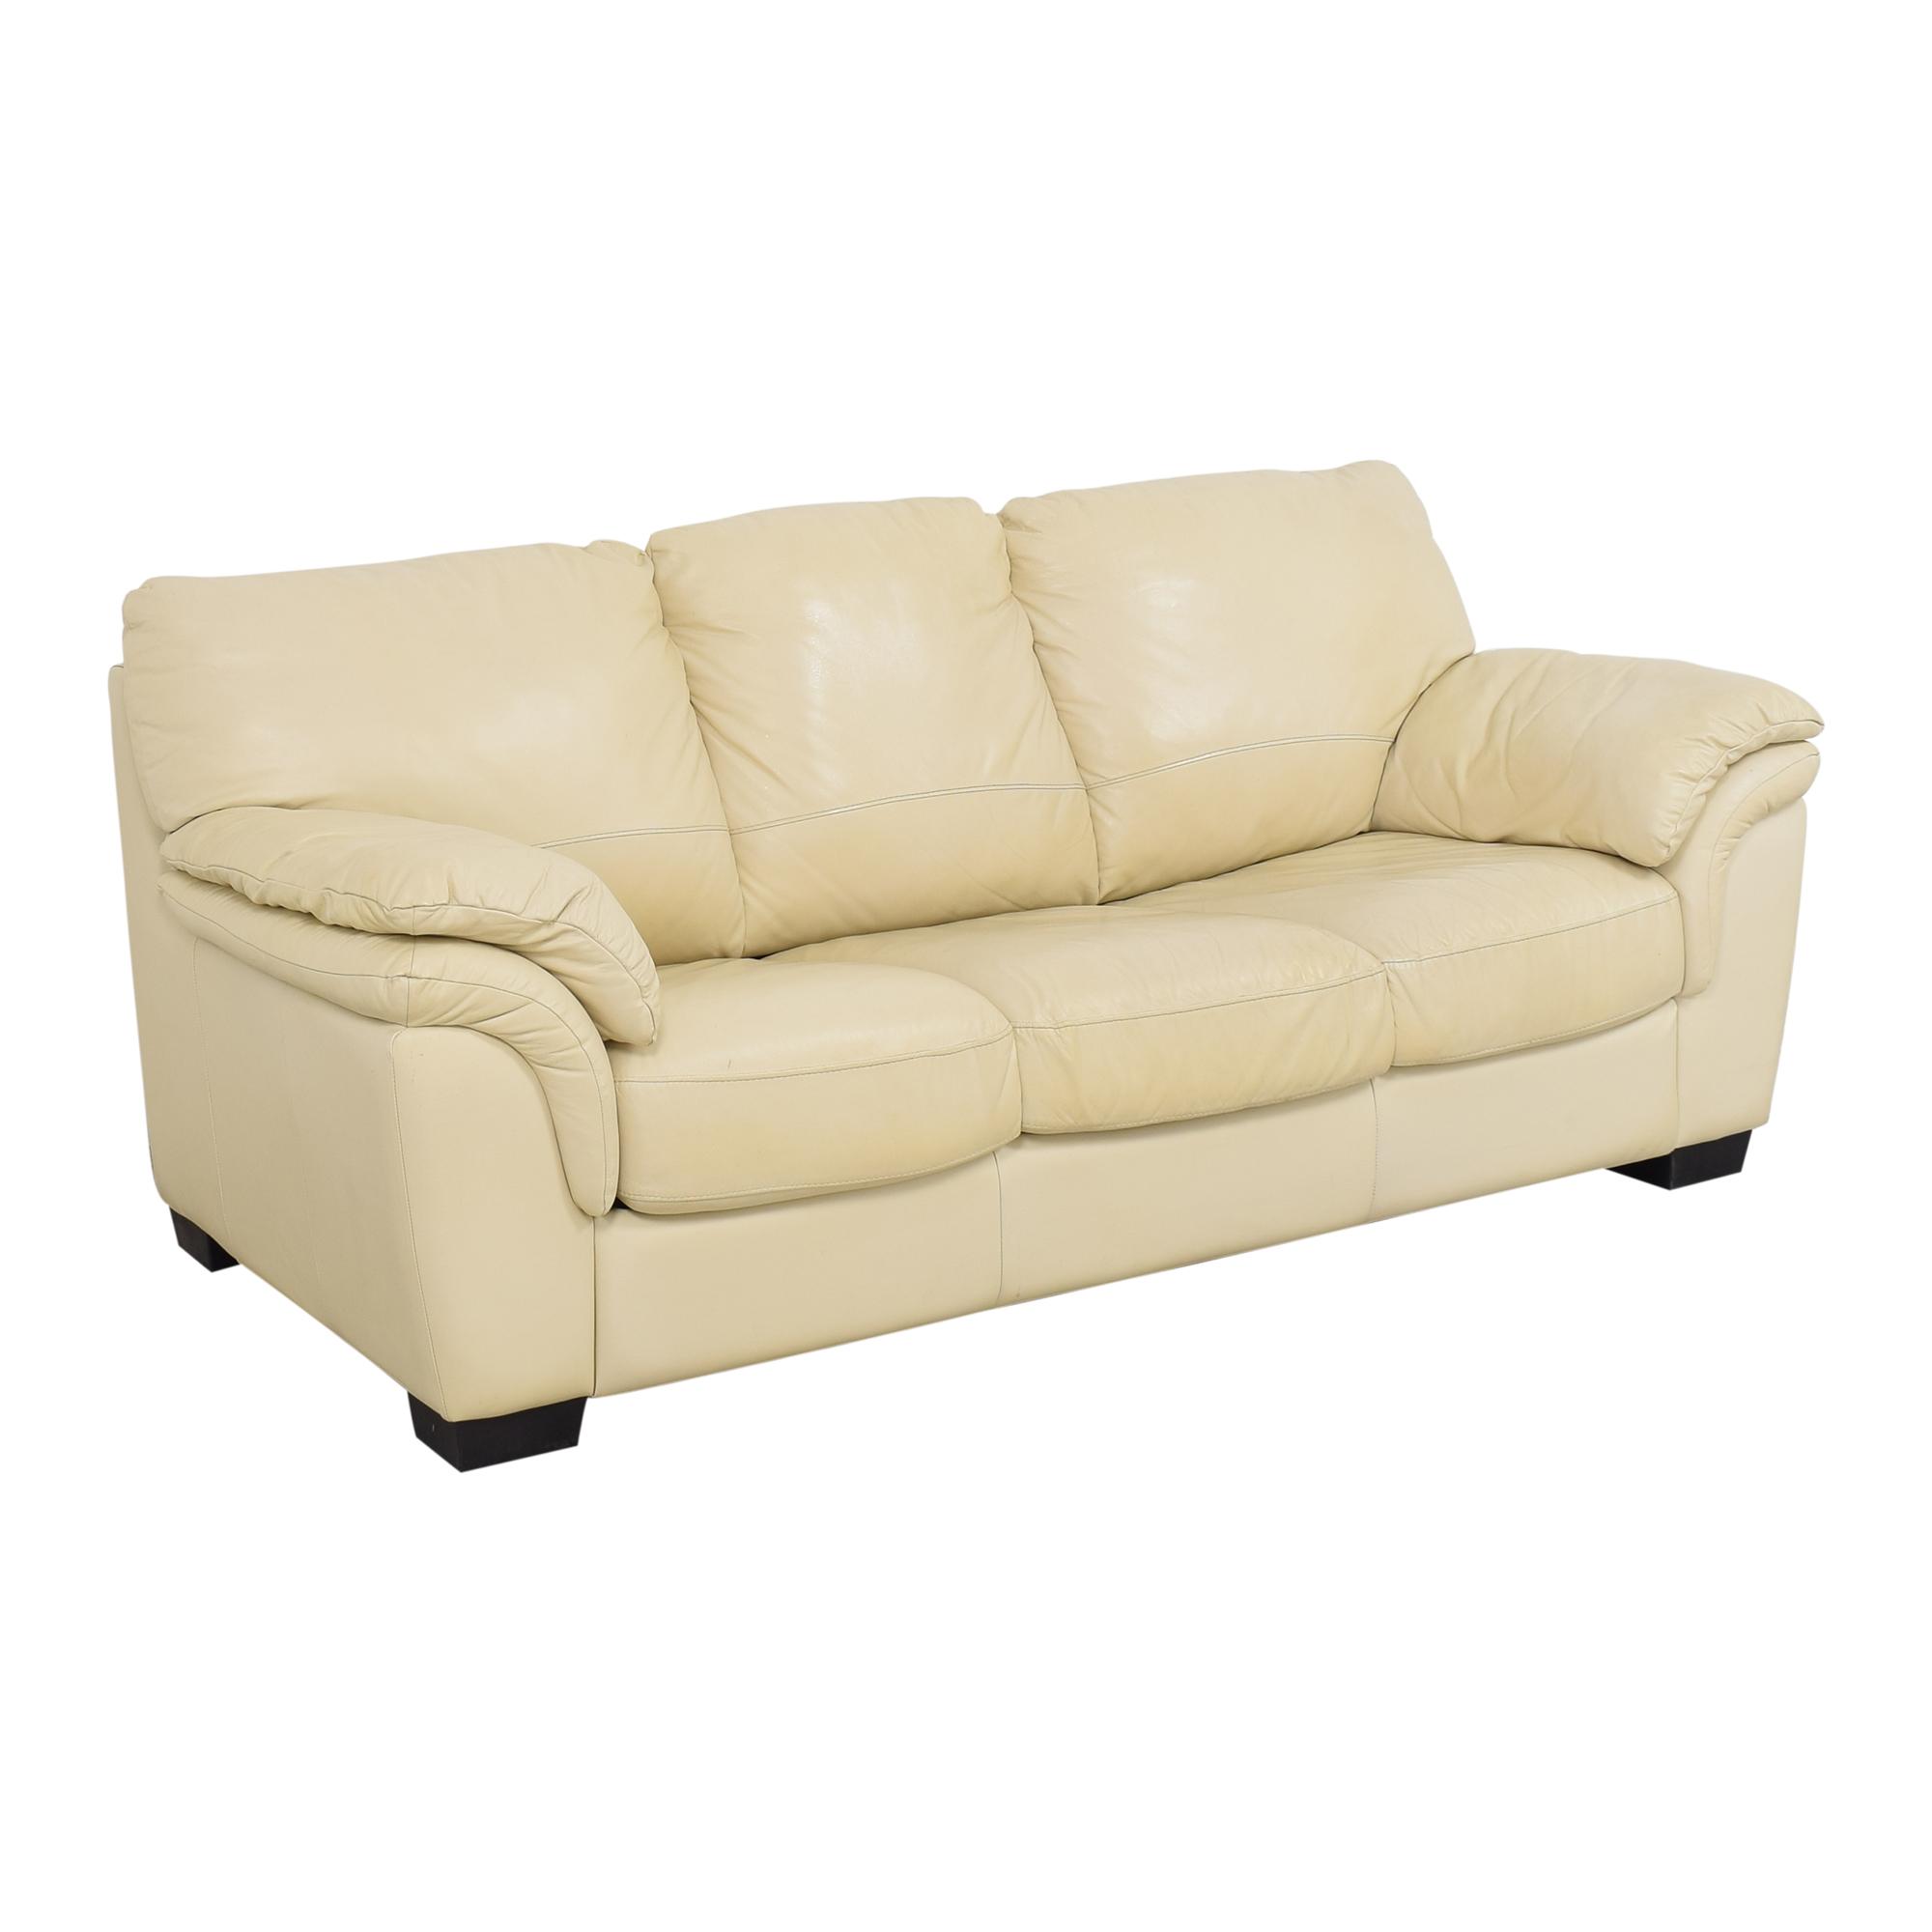 Italsofa Italsofa Sleeper Sofa pa